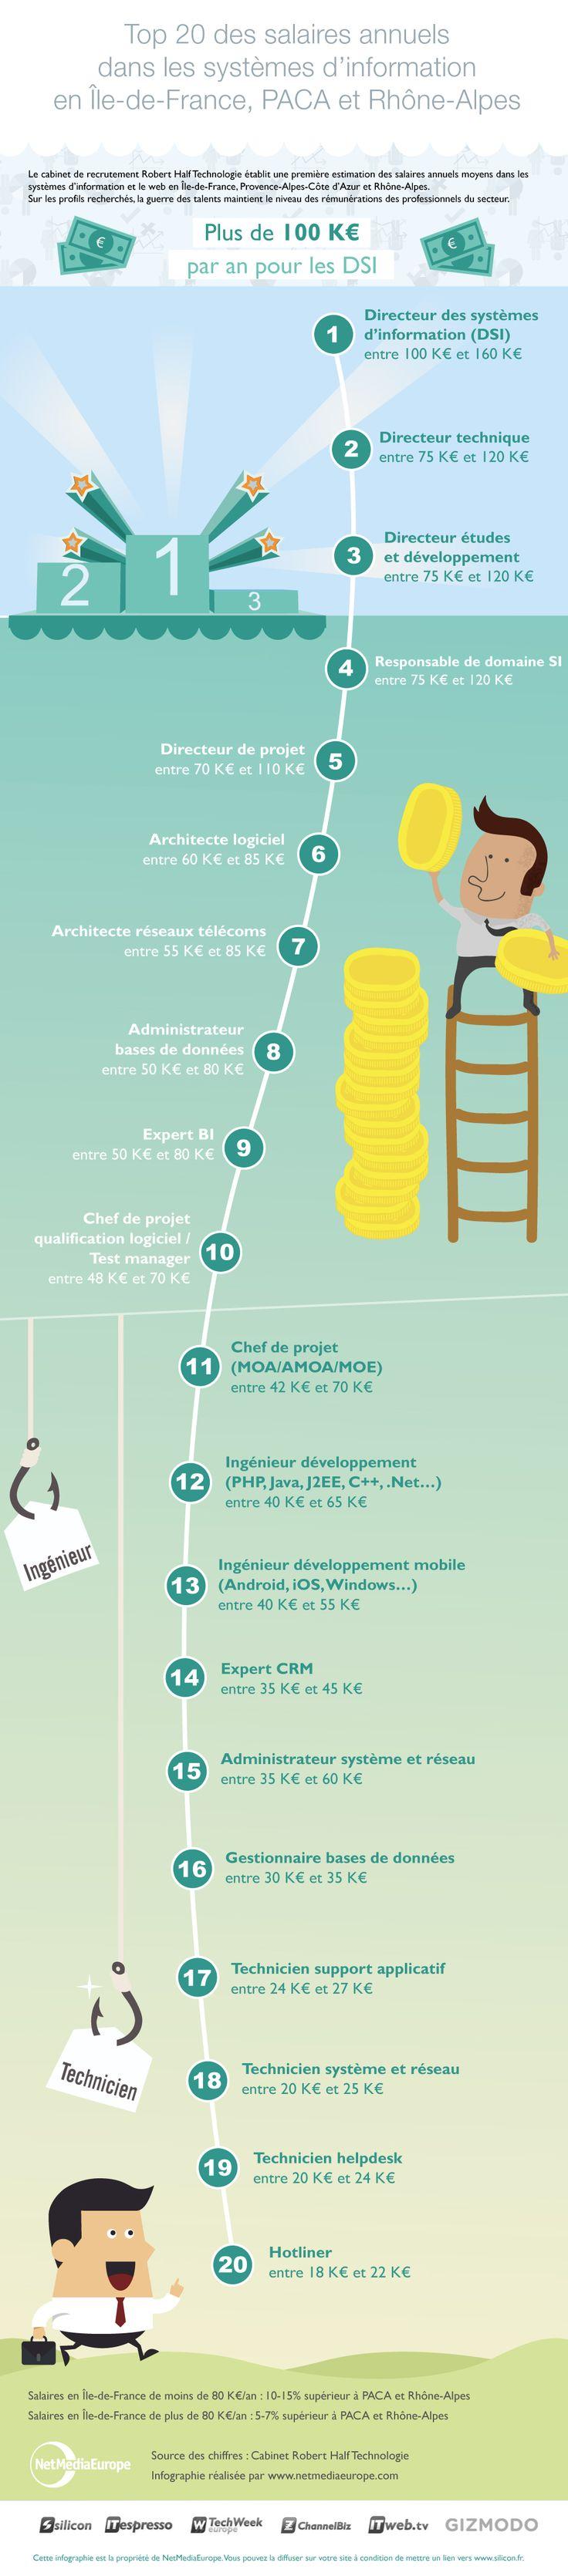 Infographie : la grille des salaires IT 2014 pour la France – silicon.fr